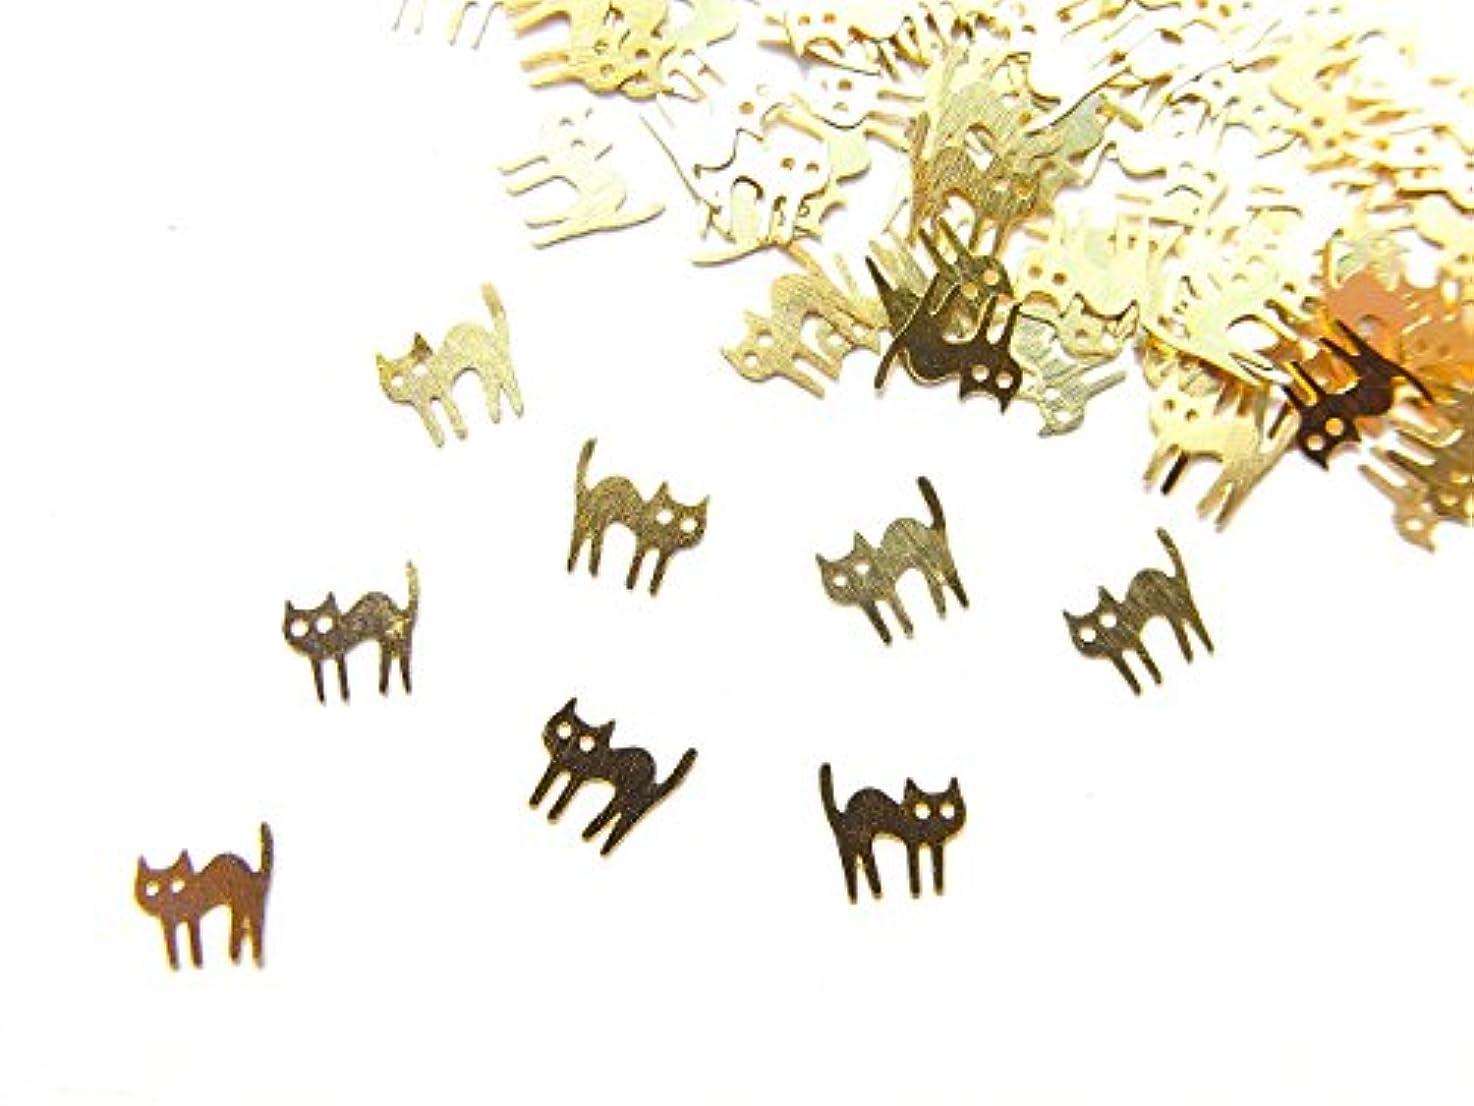 卒業記念アルバムスリンク神学校【jewel】ug23 薄型ゴールド メタルパーツ ネコ 猫B 10個入り ネイルアートパーツ レジンパーツ